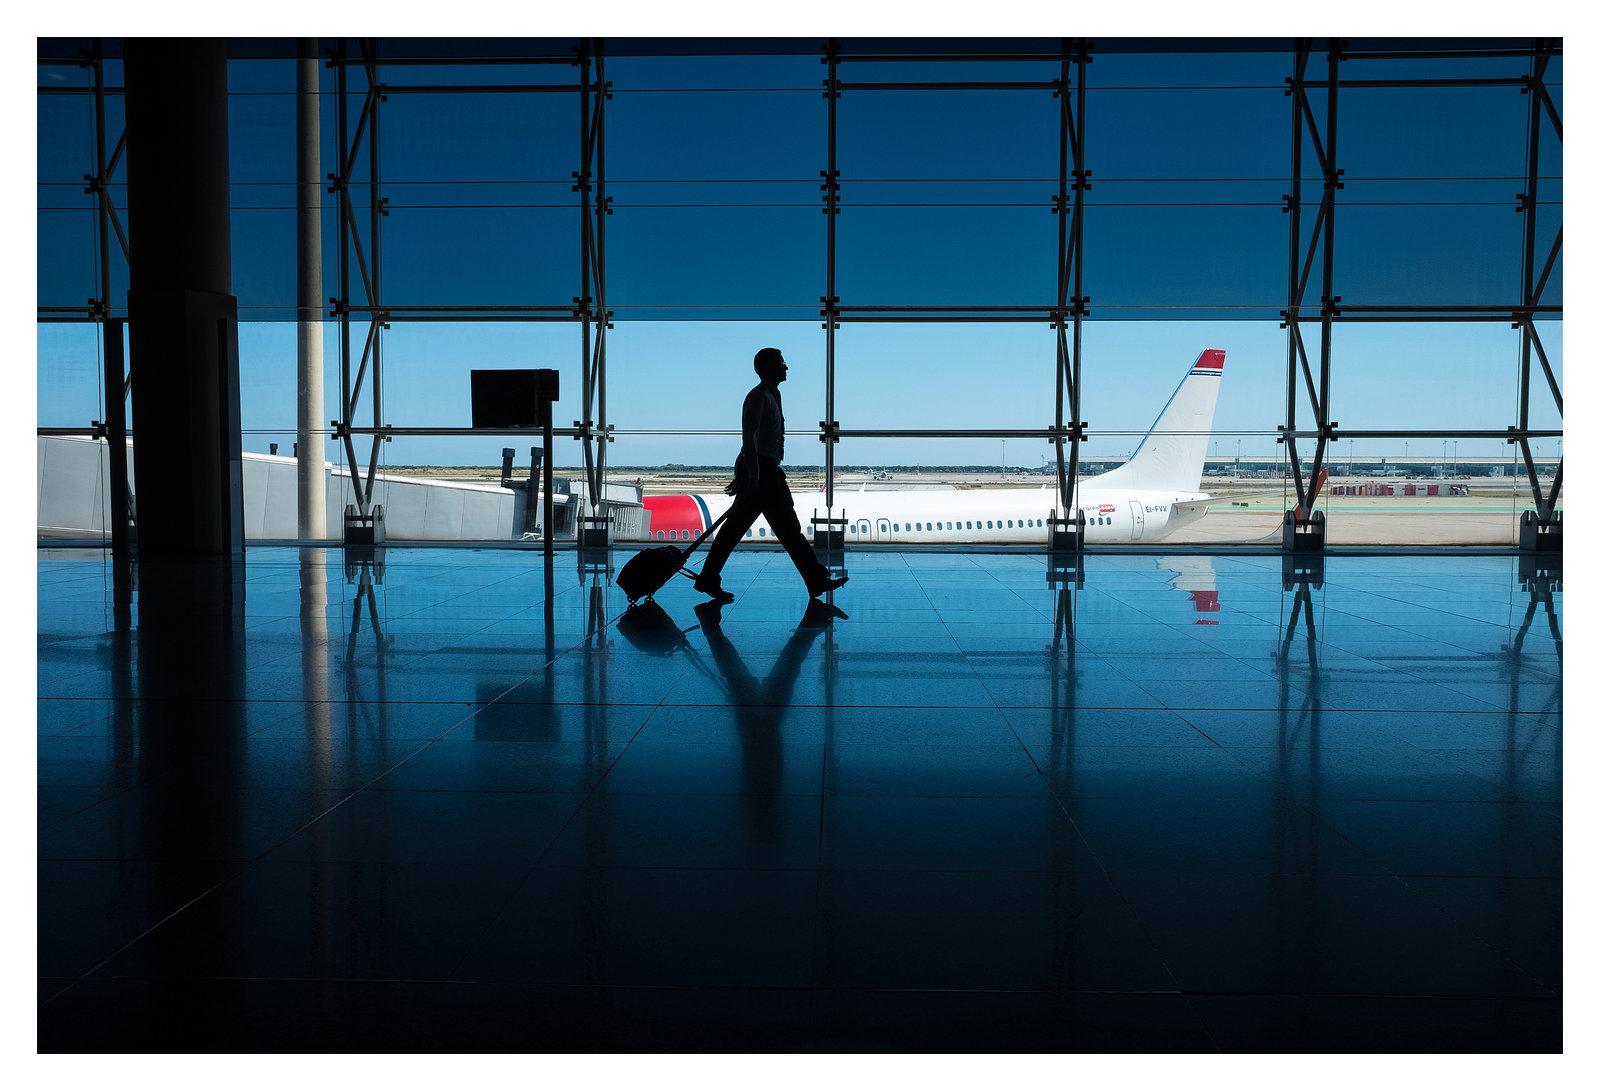 Barcelona El Prat Airport / Catalunya / Spain